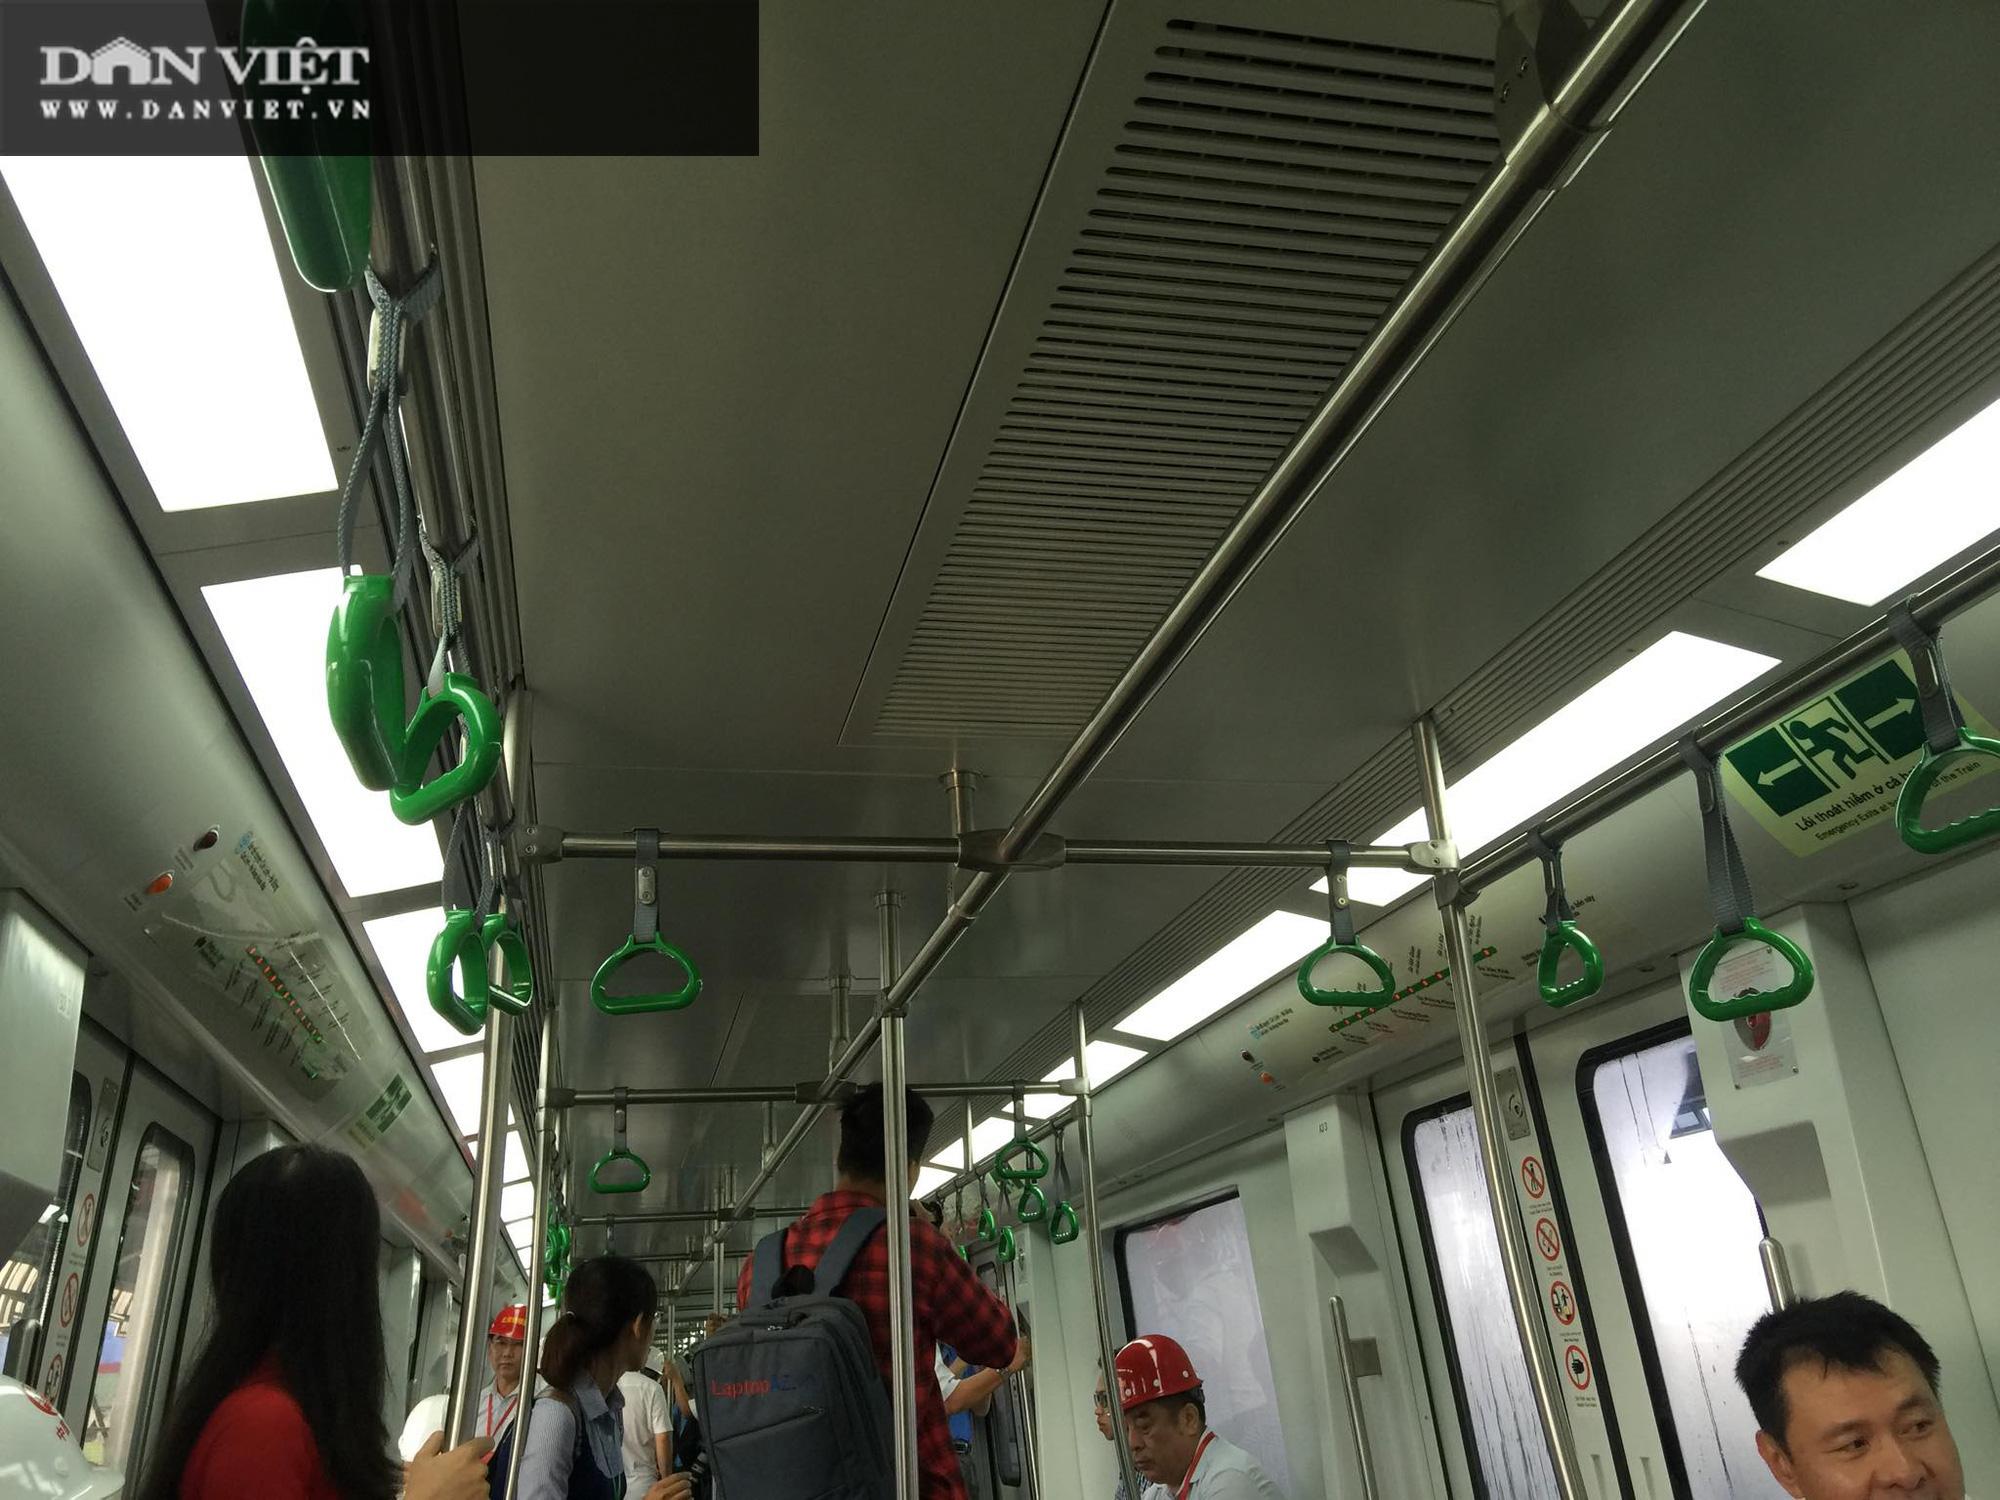 Hành khách đi tàu Cát Linh - Hà Đông sẽ được miễn phí vé - Ảnh 1.